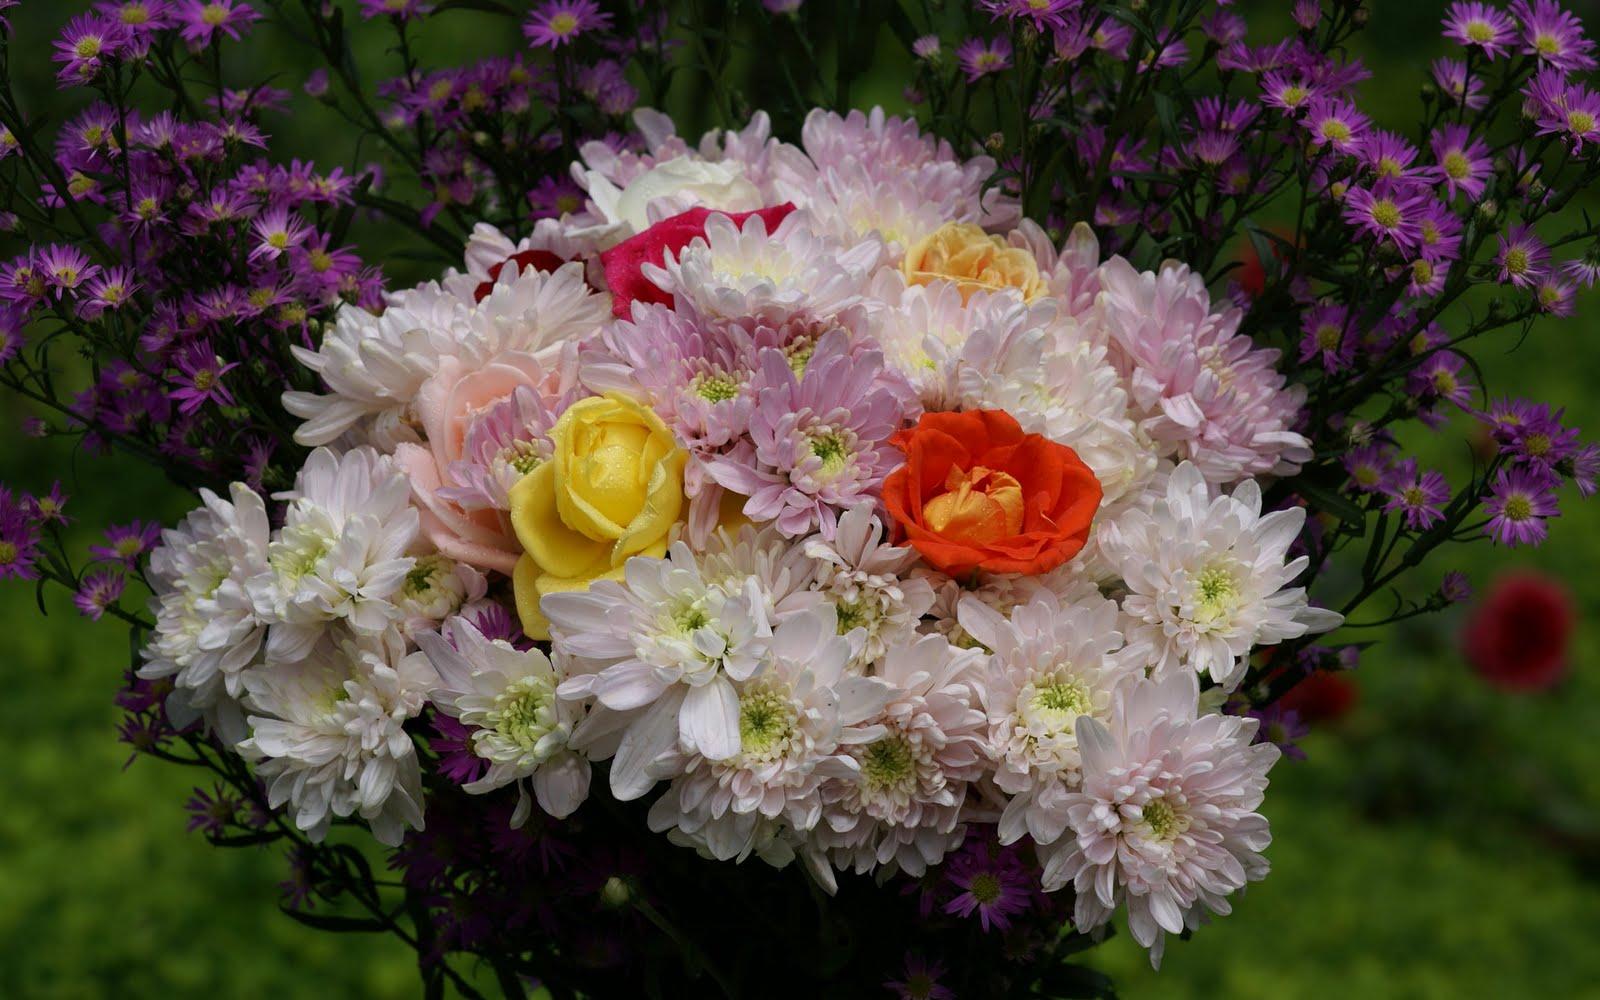 http://4.bp.blogspot.com/_BEyQraI-KQQ/SxSwuDWlp_I/AAAAAAAADtU/BDU3ckW7M4E/s1600/roses-dsc01919.jpg